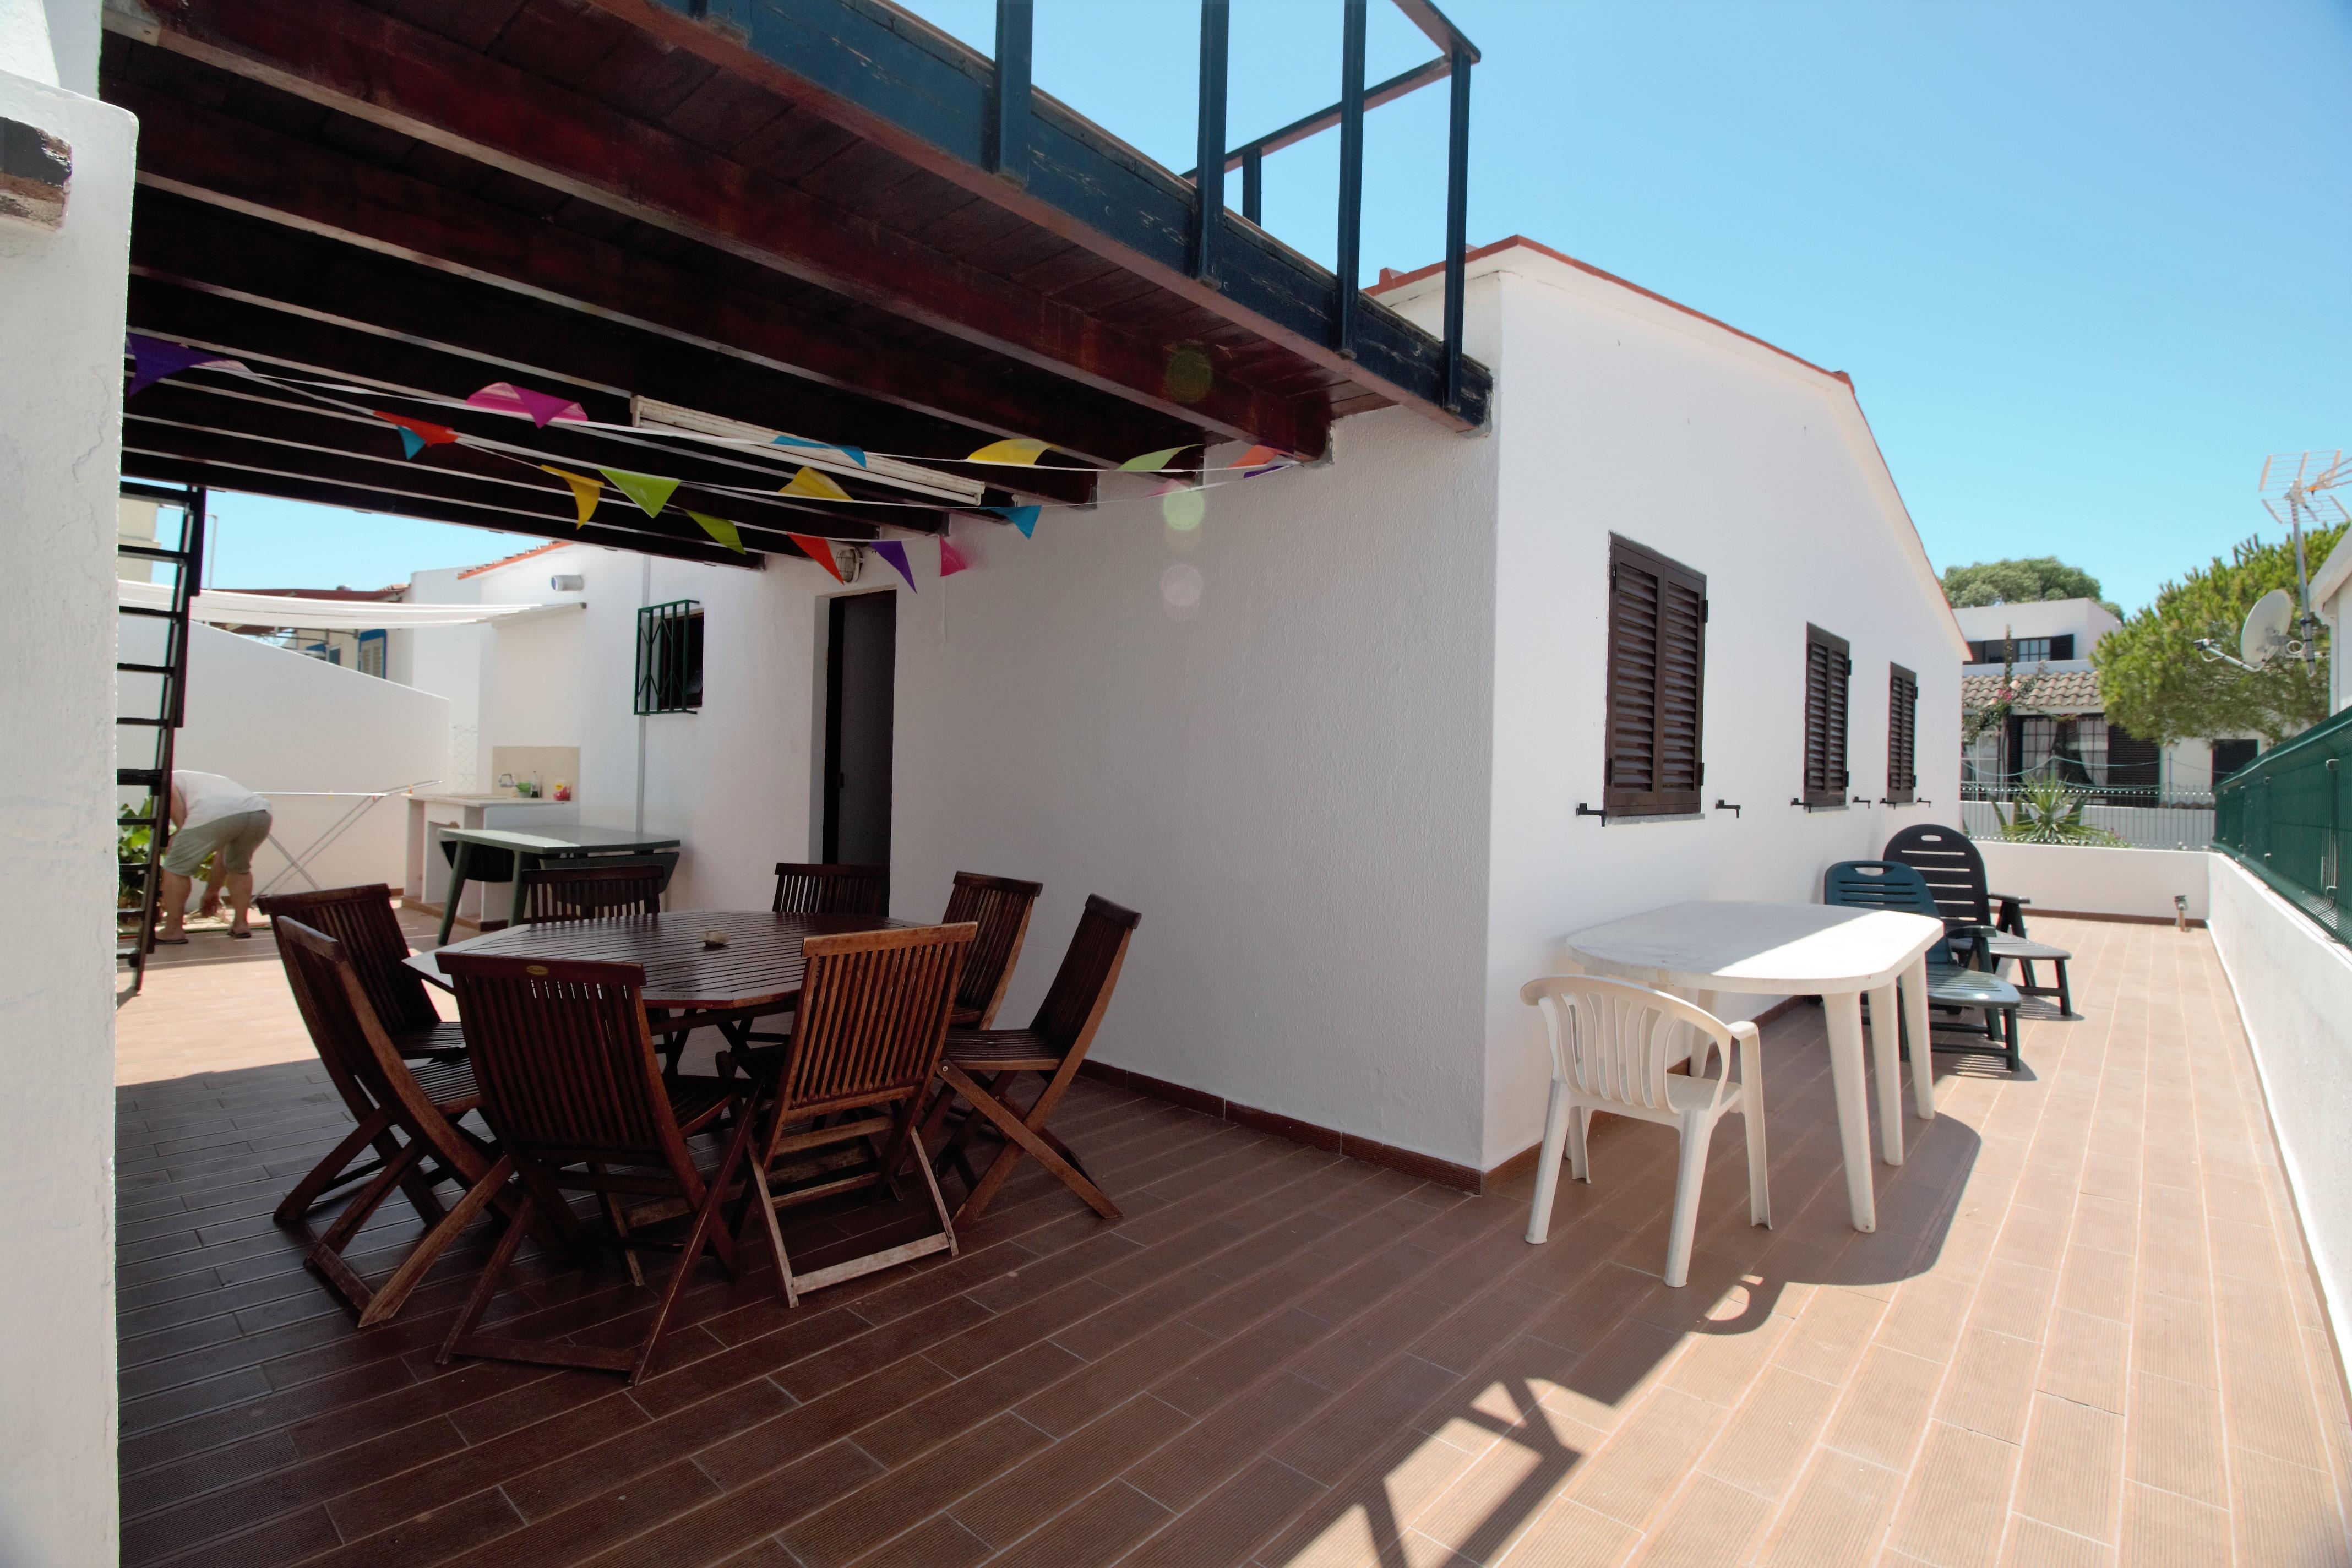 Holiday apartments and villas for rent, Moradia no Algarve com vista mar 10 mint da praia (a pé) in Olhão, Portugal Algarve, REF_IMG_6691_6692